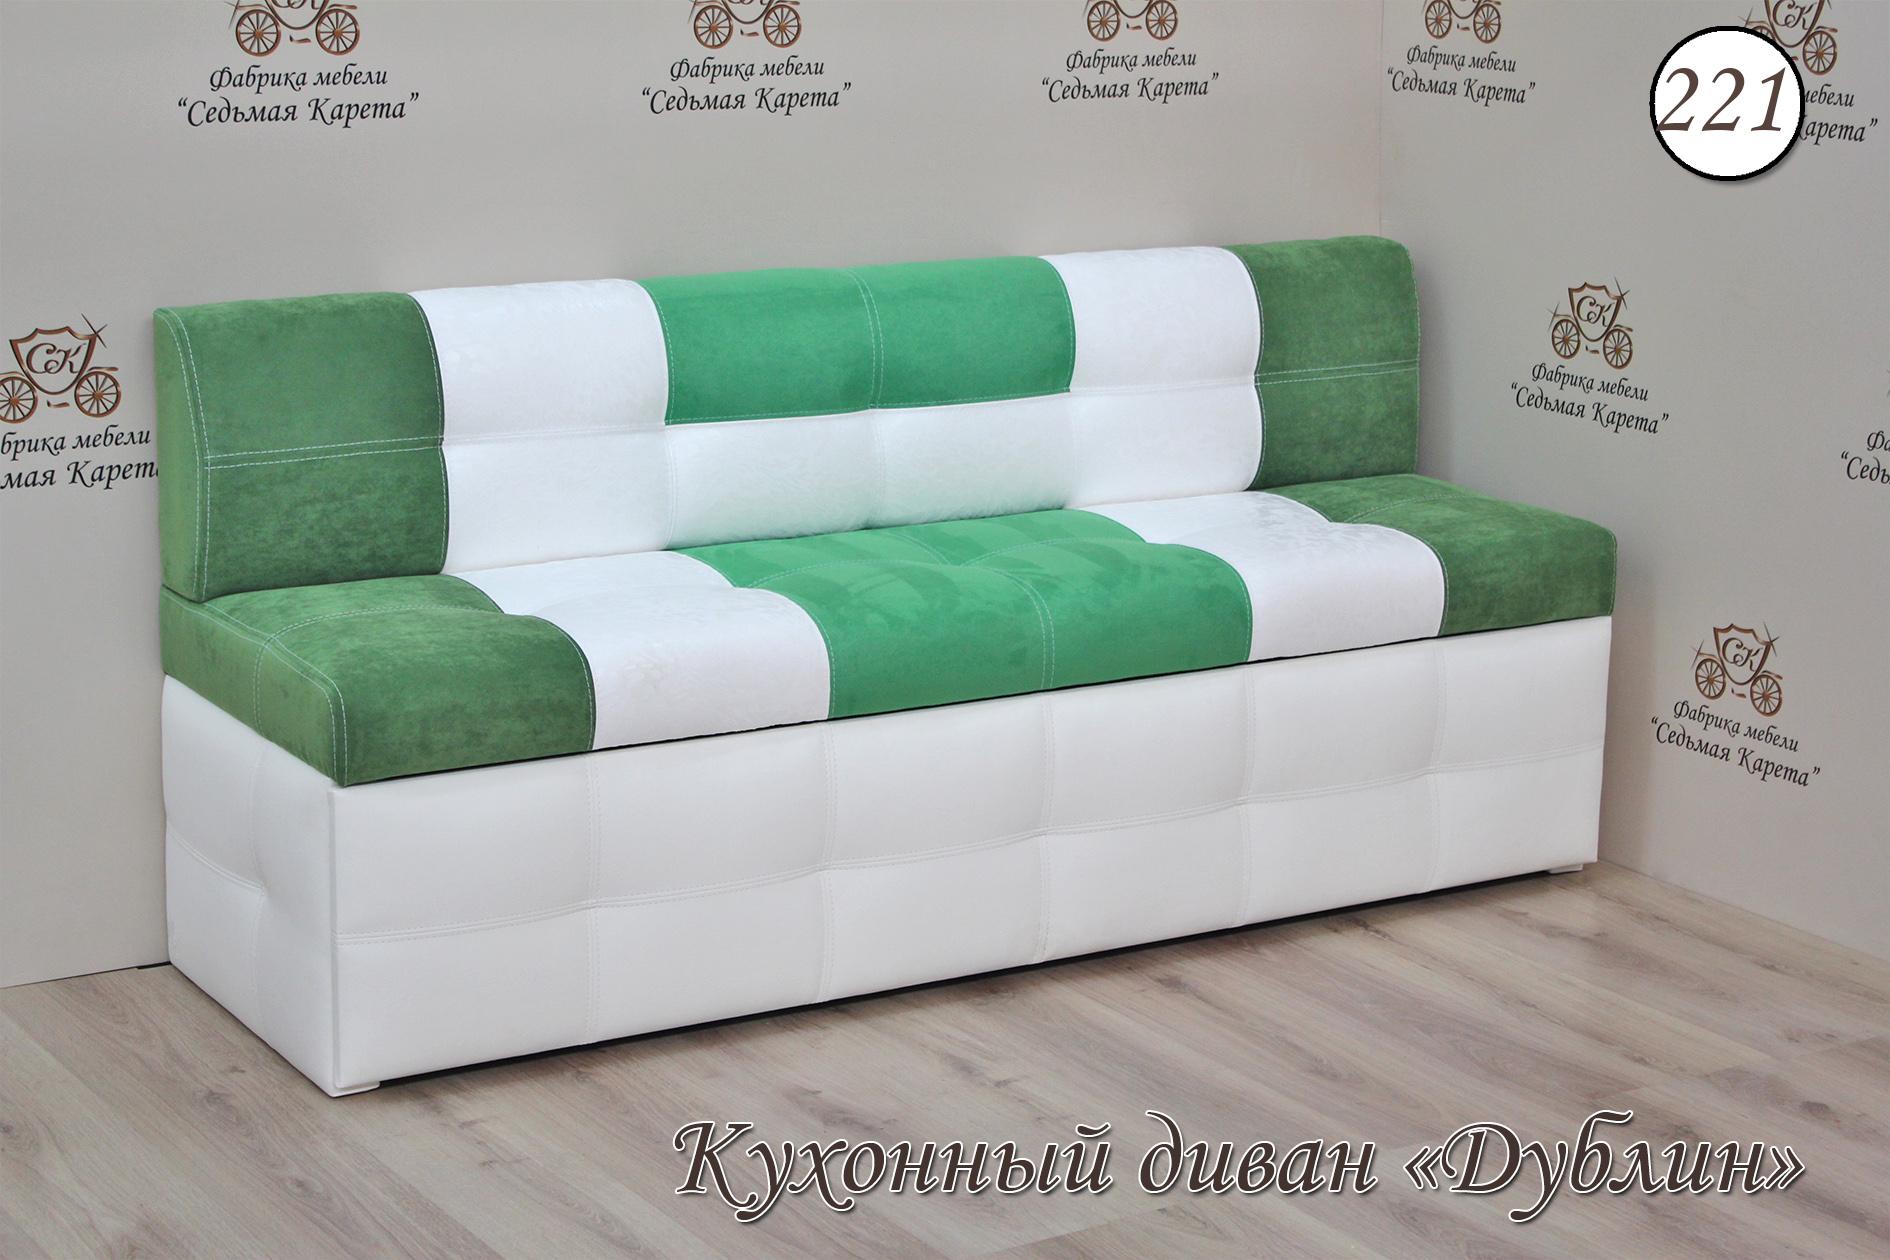 Кухонный диван Дублин - АКЦИЯ!